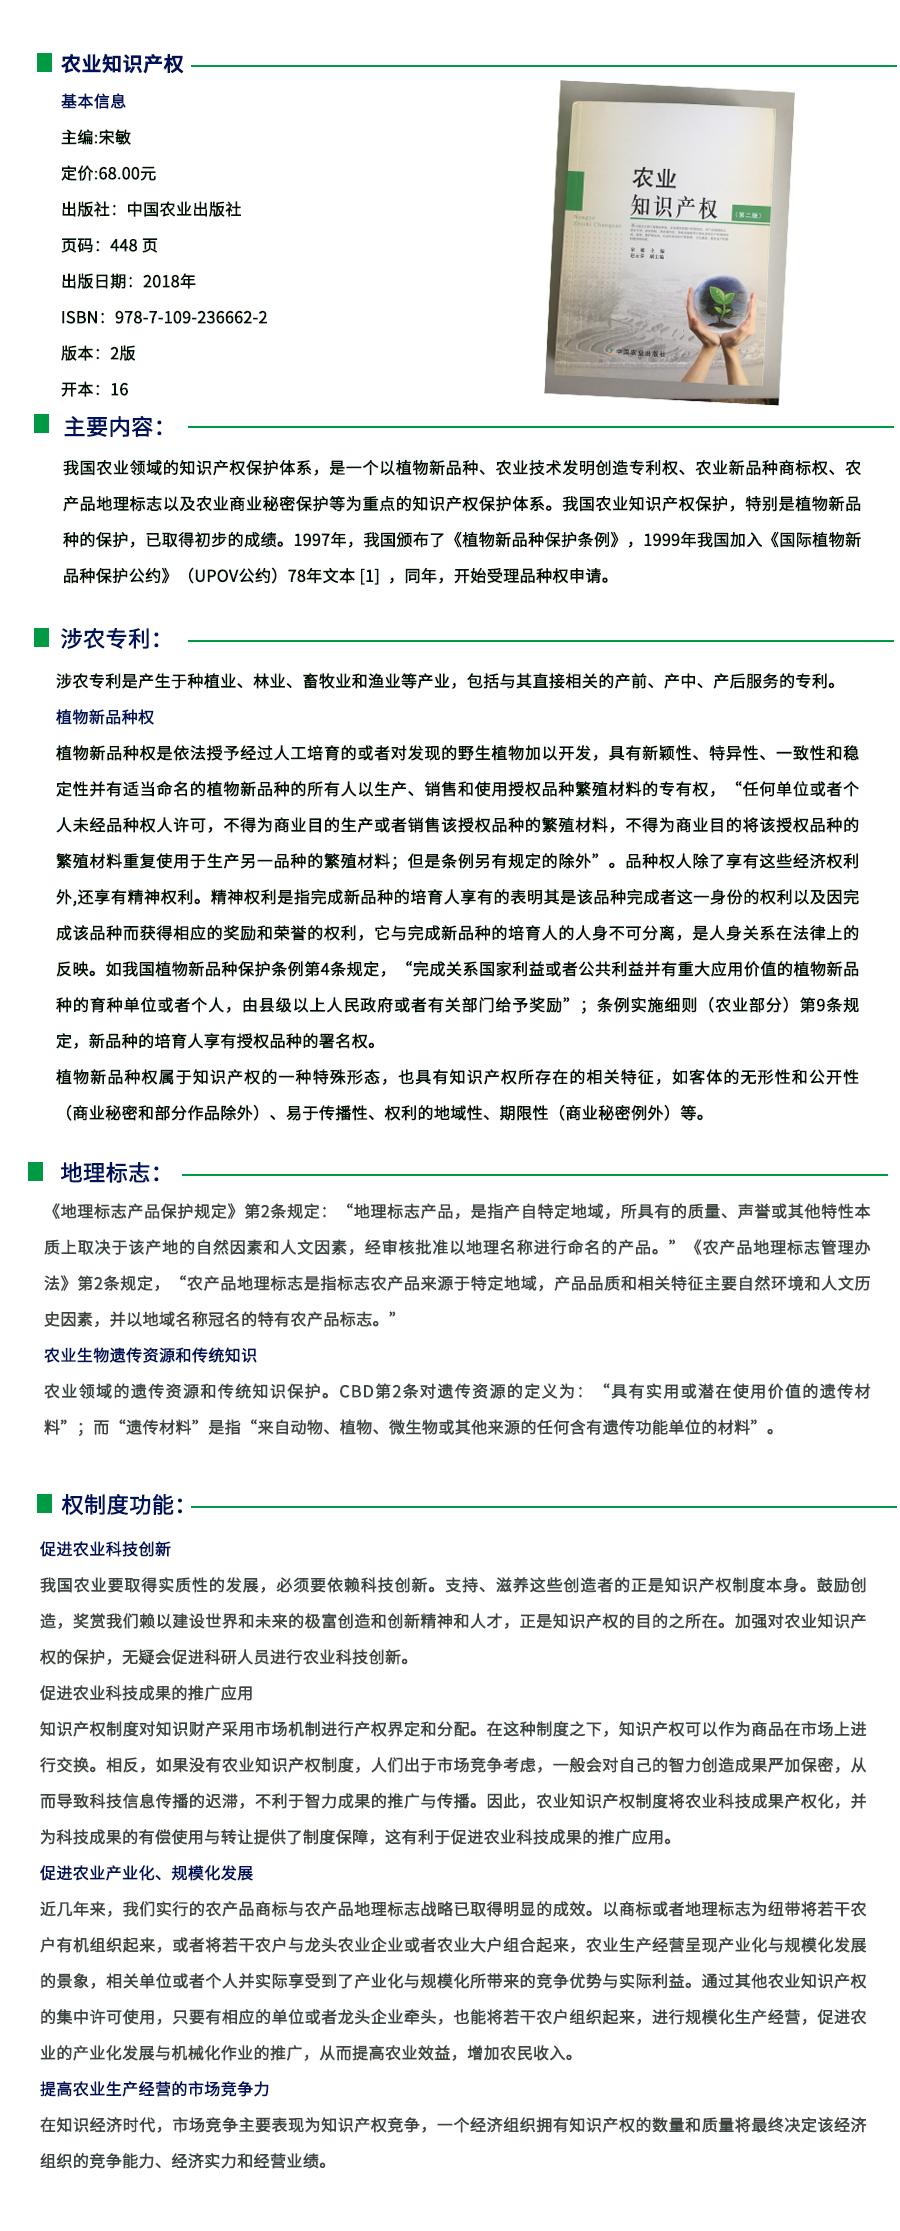 详情页-知识产权第二版.png